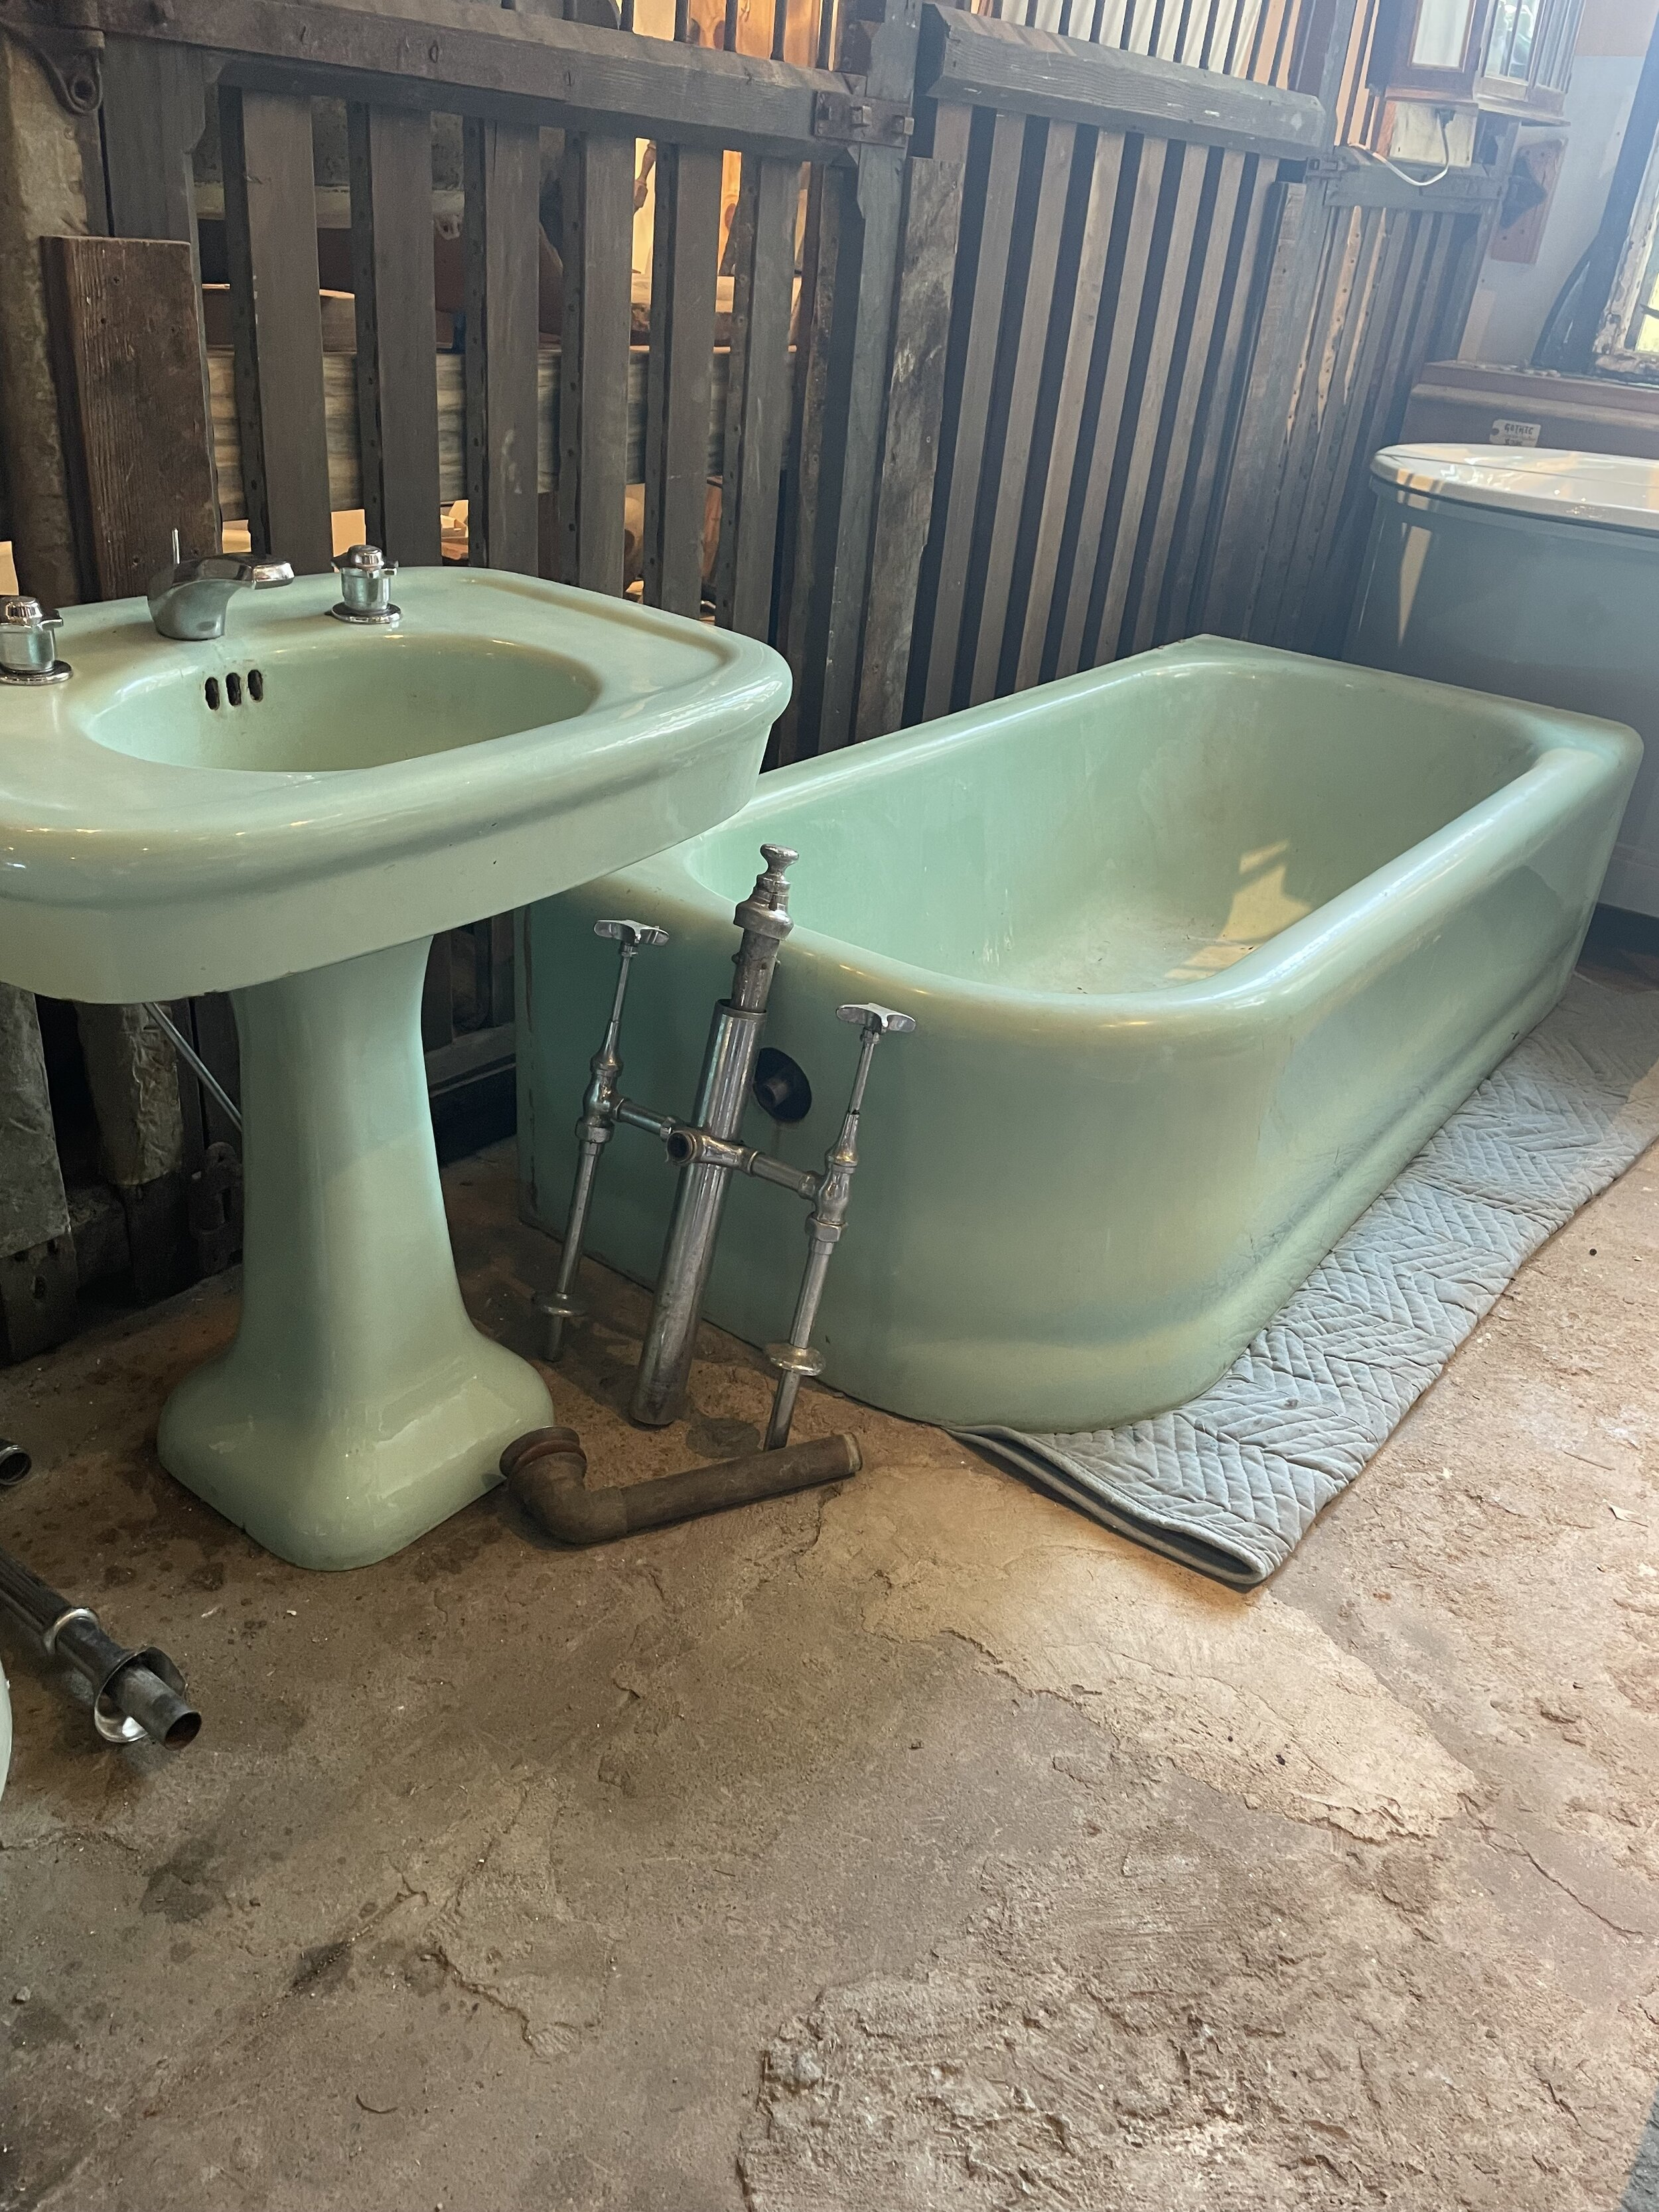 Vintage Kohler Tub And Sink Set Hudson Valley House Parts